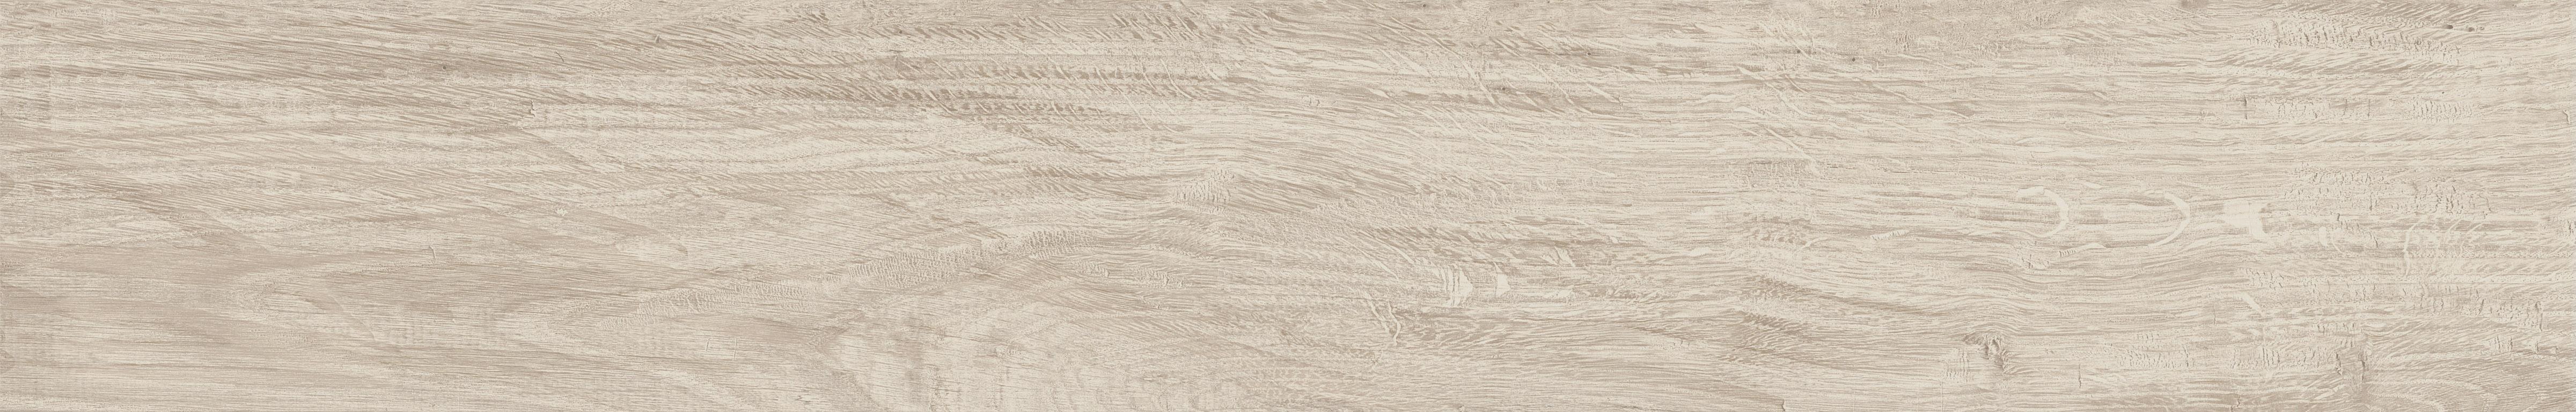 Плитка Allwood Bianco (zzxwu1r) изображение 10